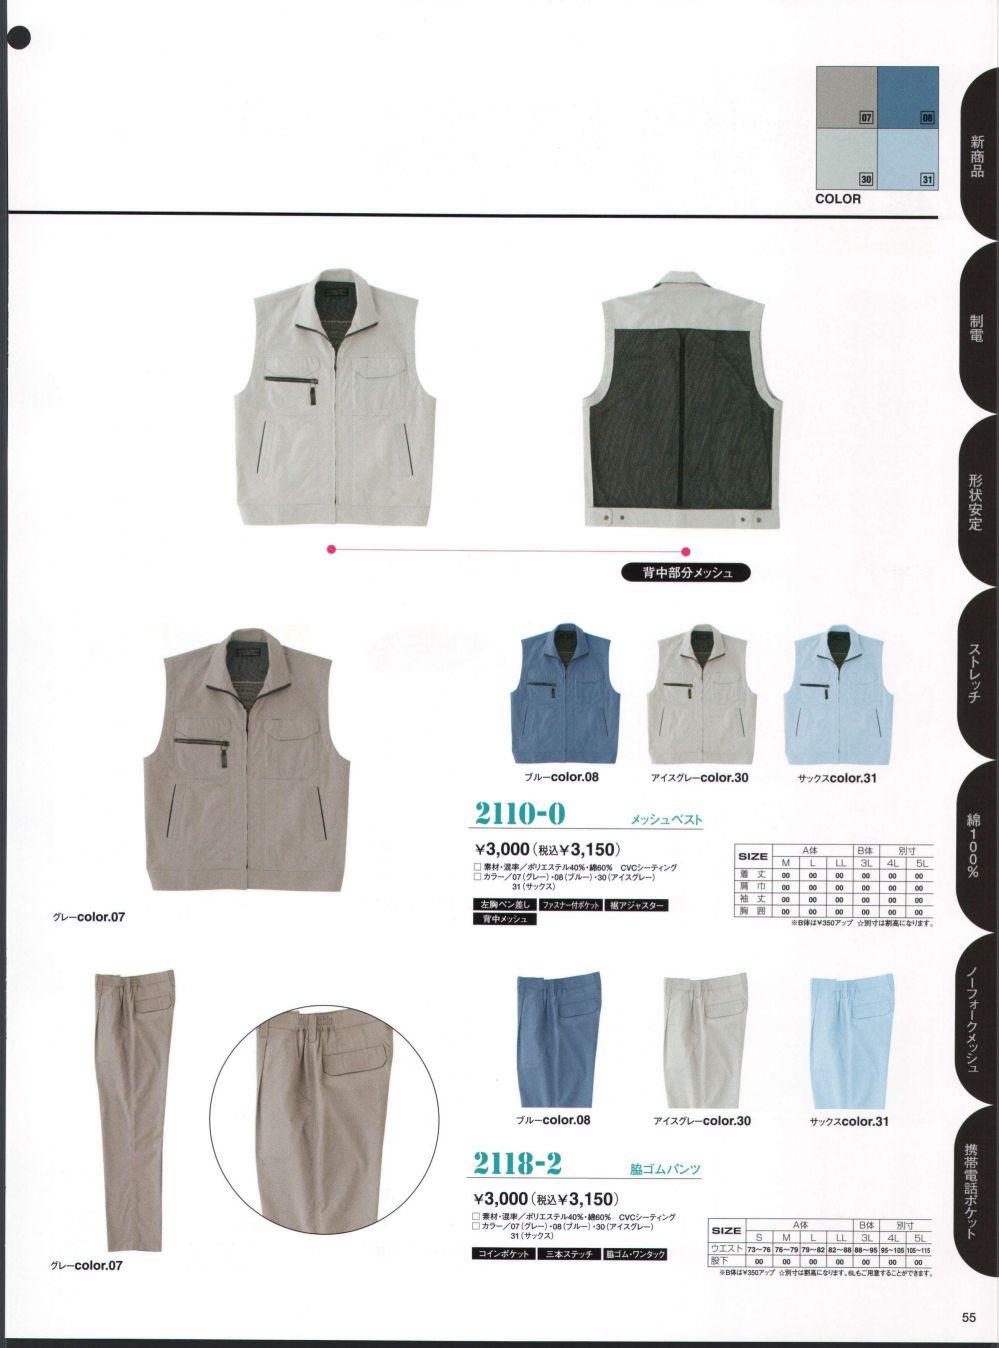 9fb17eb926157 作業服JP メッシュベスト アタックベース 2110-0 作業服の専門店